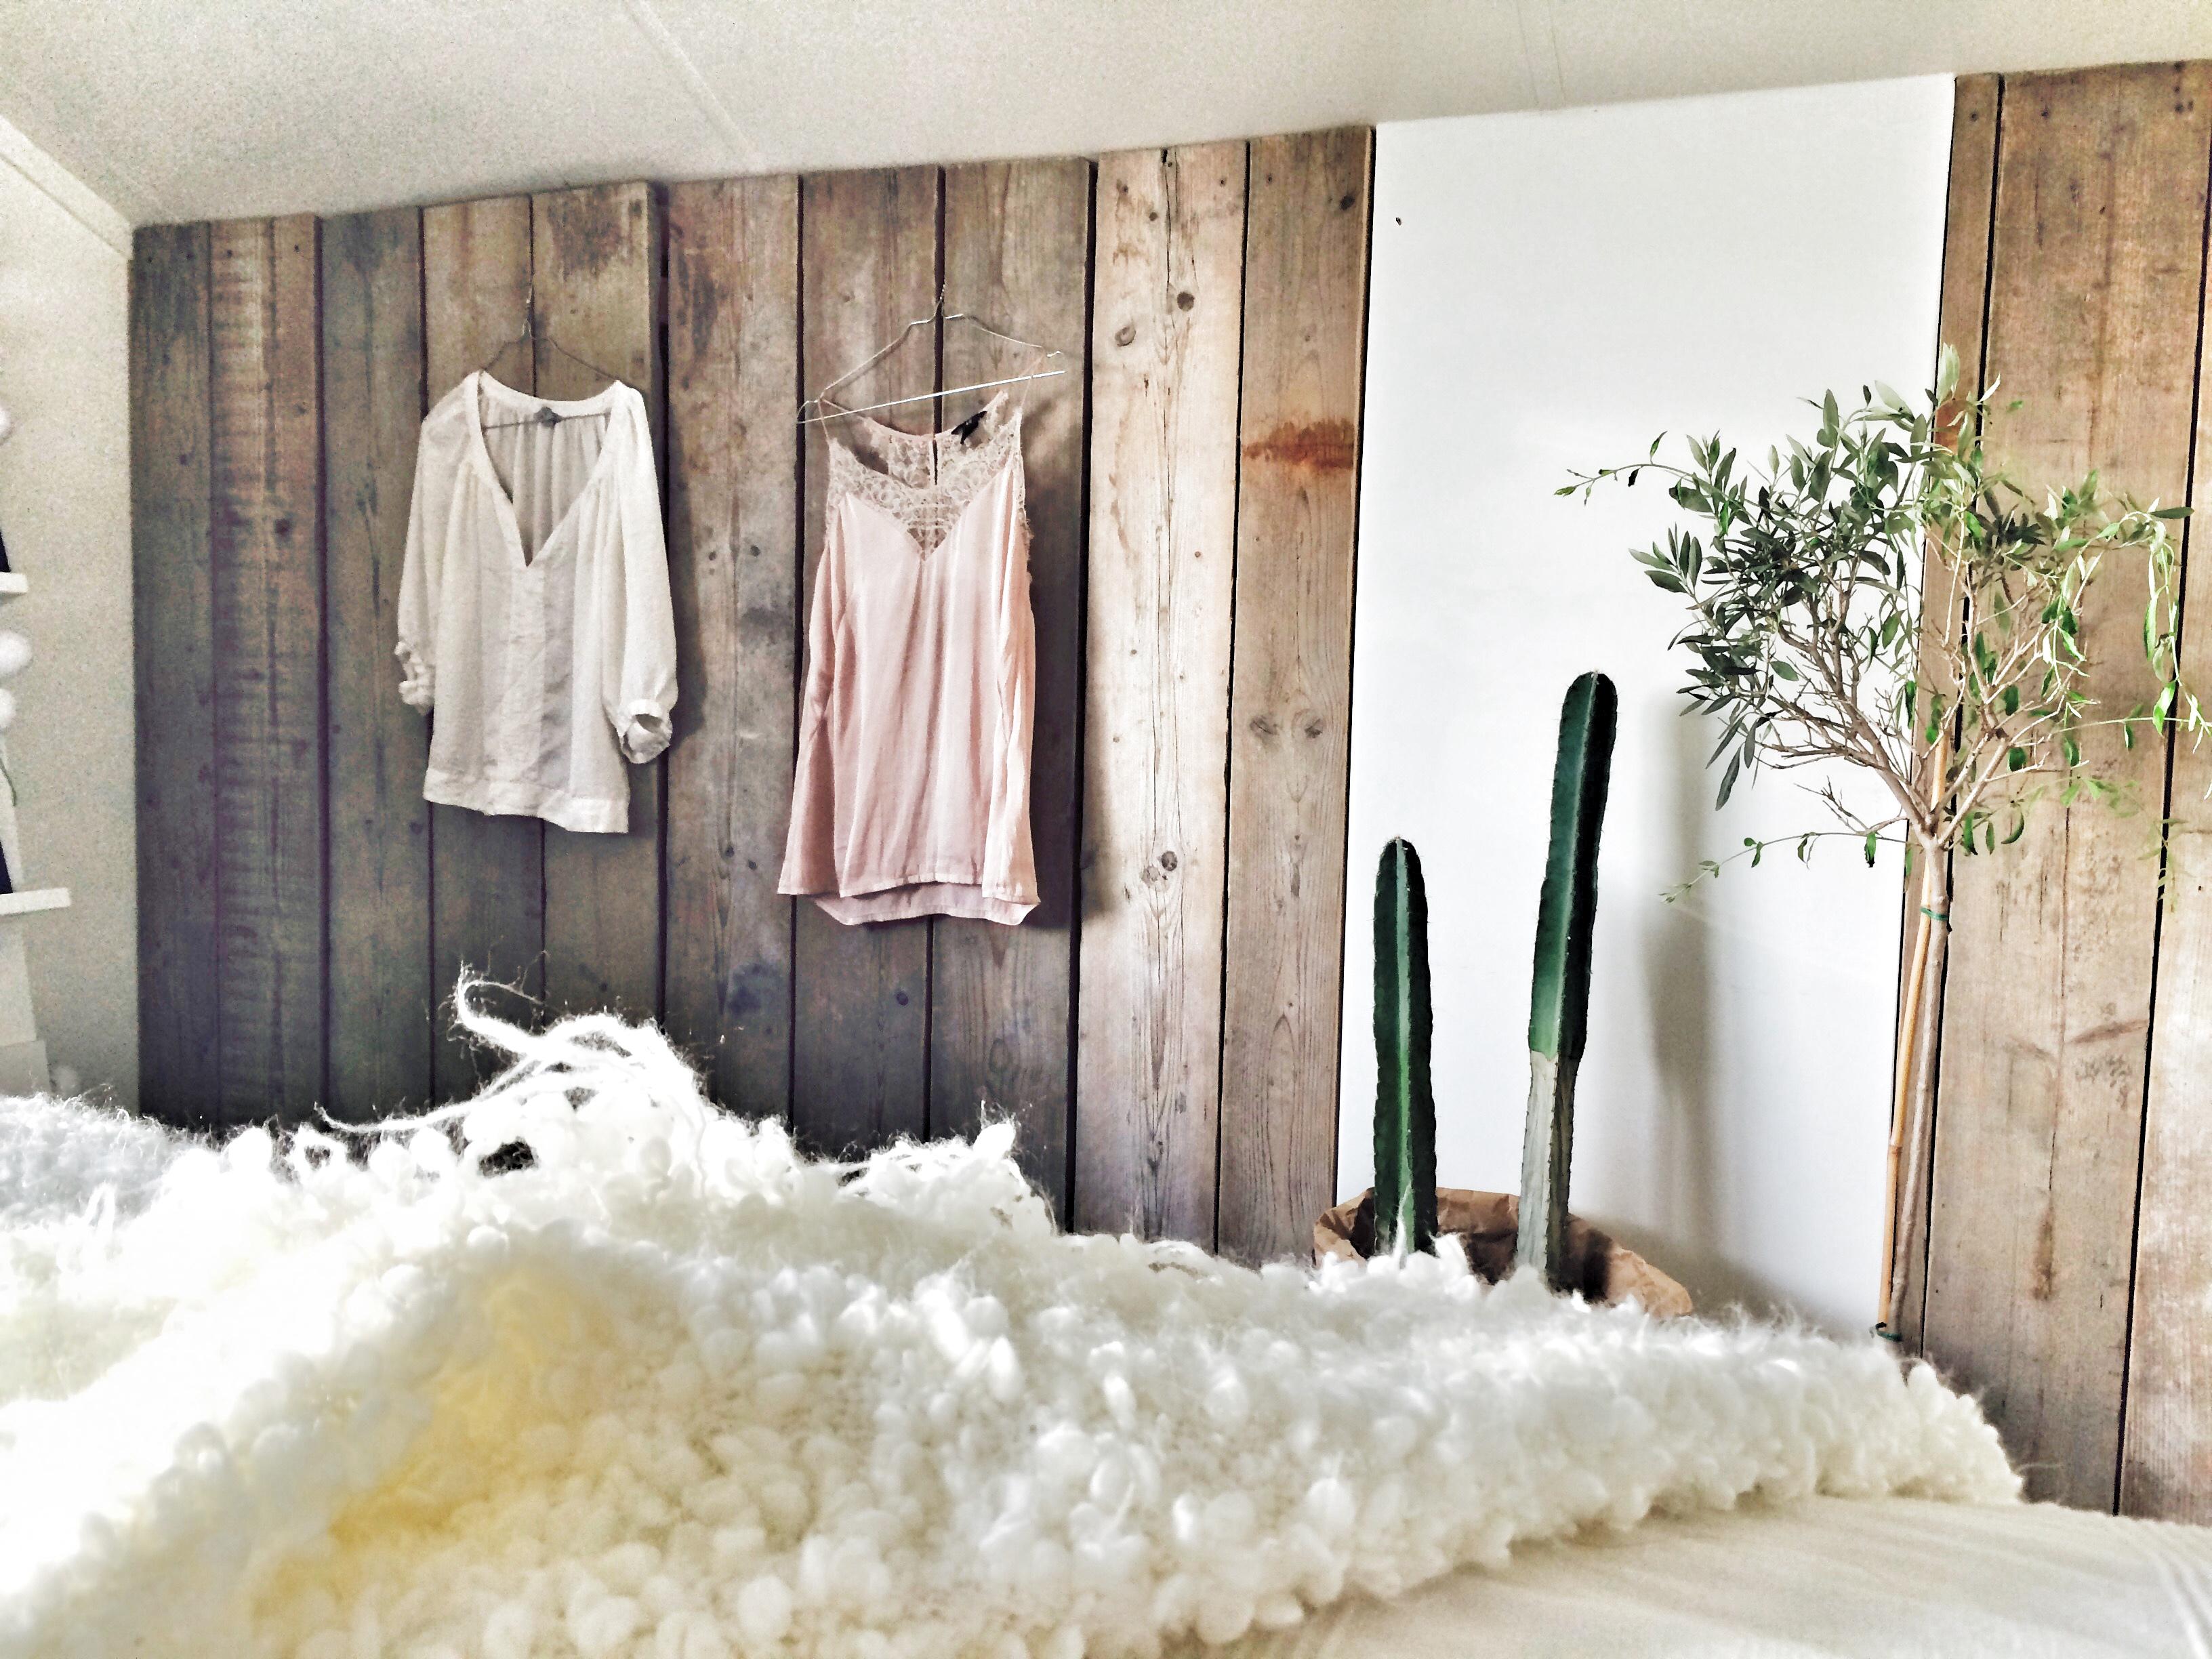 Wand slaapkamer steigerhout 46 images steigerhouten dressoir kast model yambee slaapkamer - Model slaapkamer ...